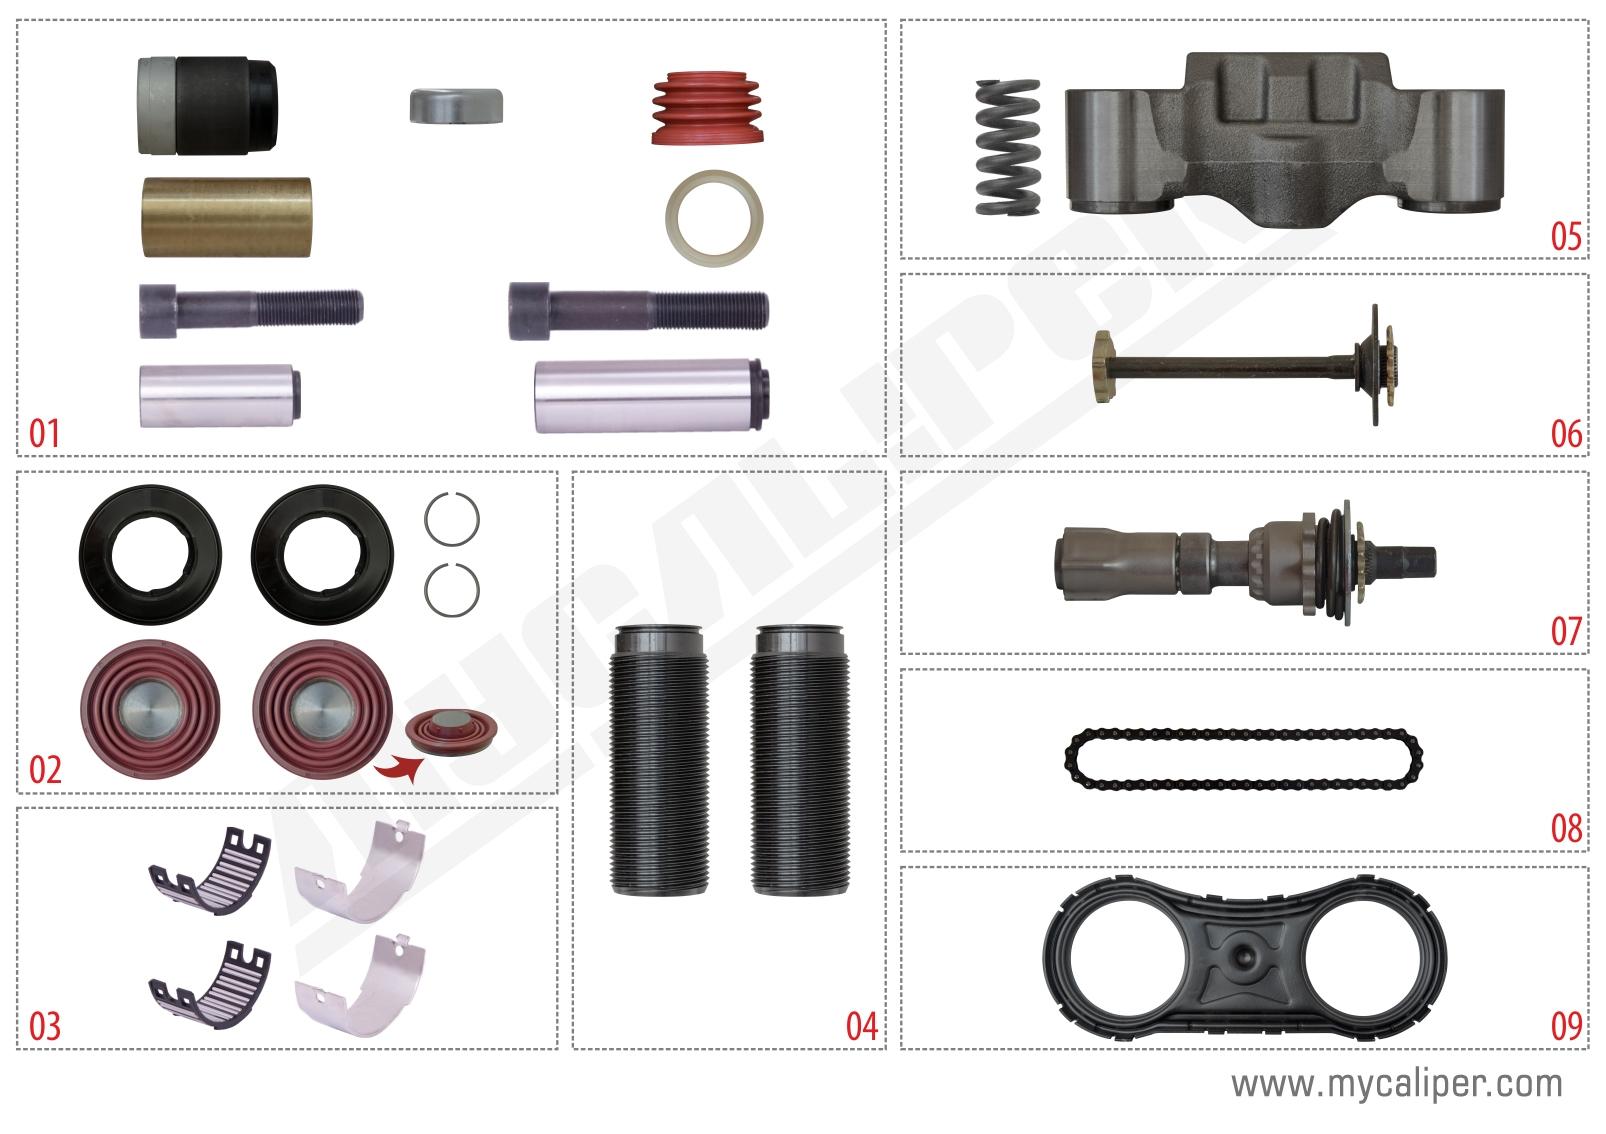 SL7 (K017549M2) Set